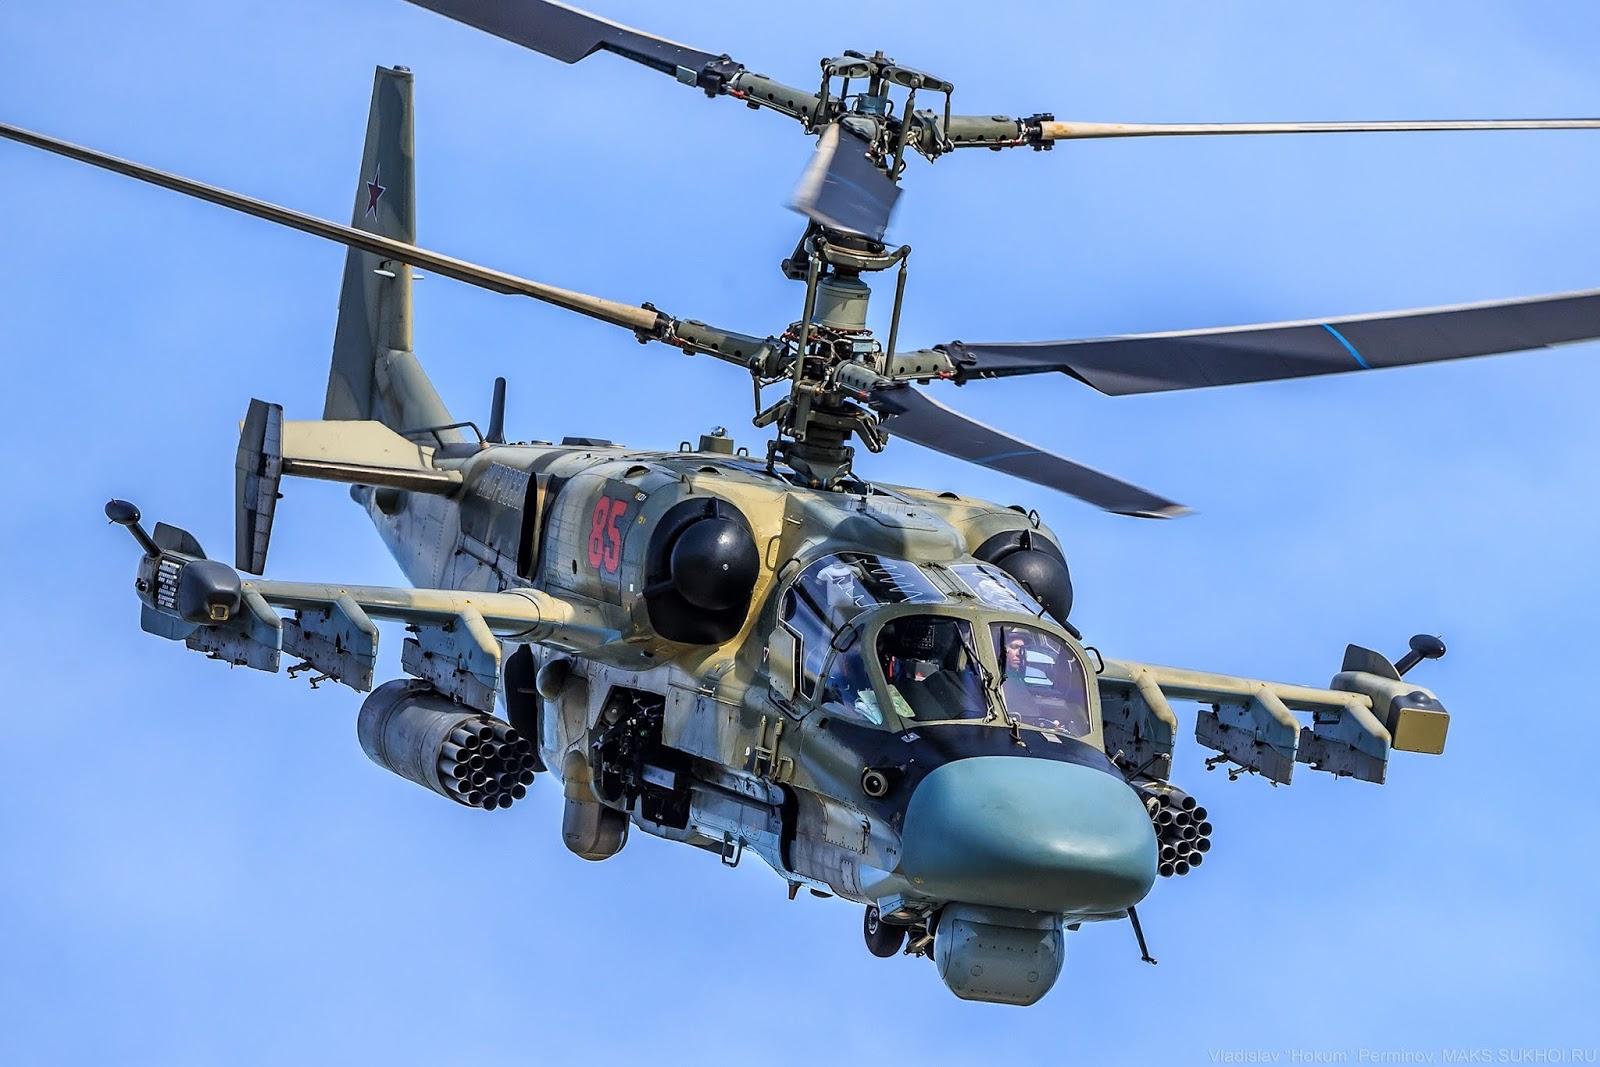 Em 2008 a Kamov lançou o Ka-52 'Alligator', uma versão aprimorada do Ka-50.